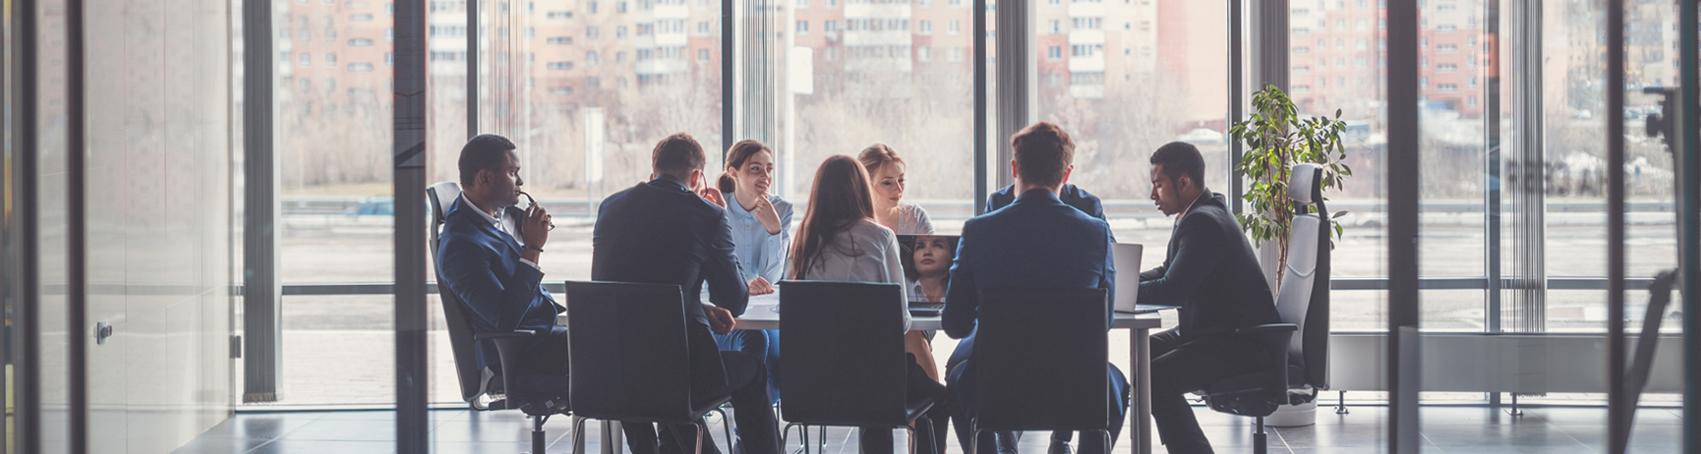 Cabinets d'experts comptables - commissaires aux comptes